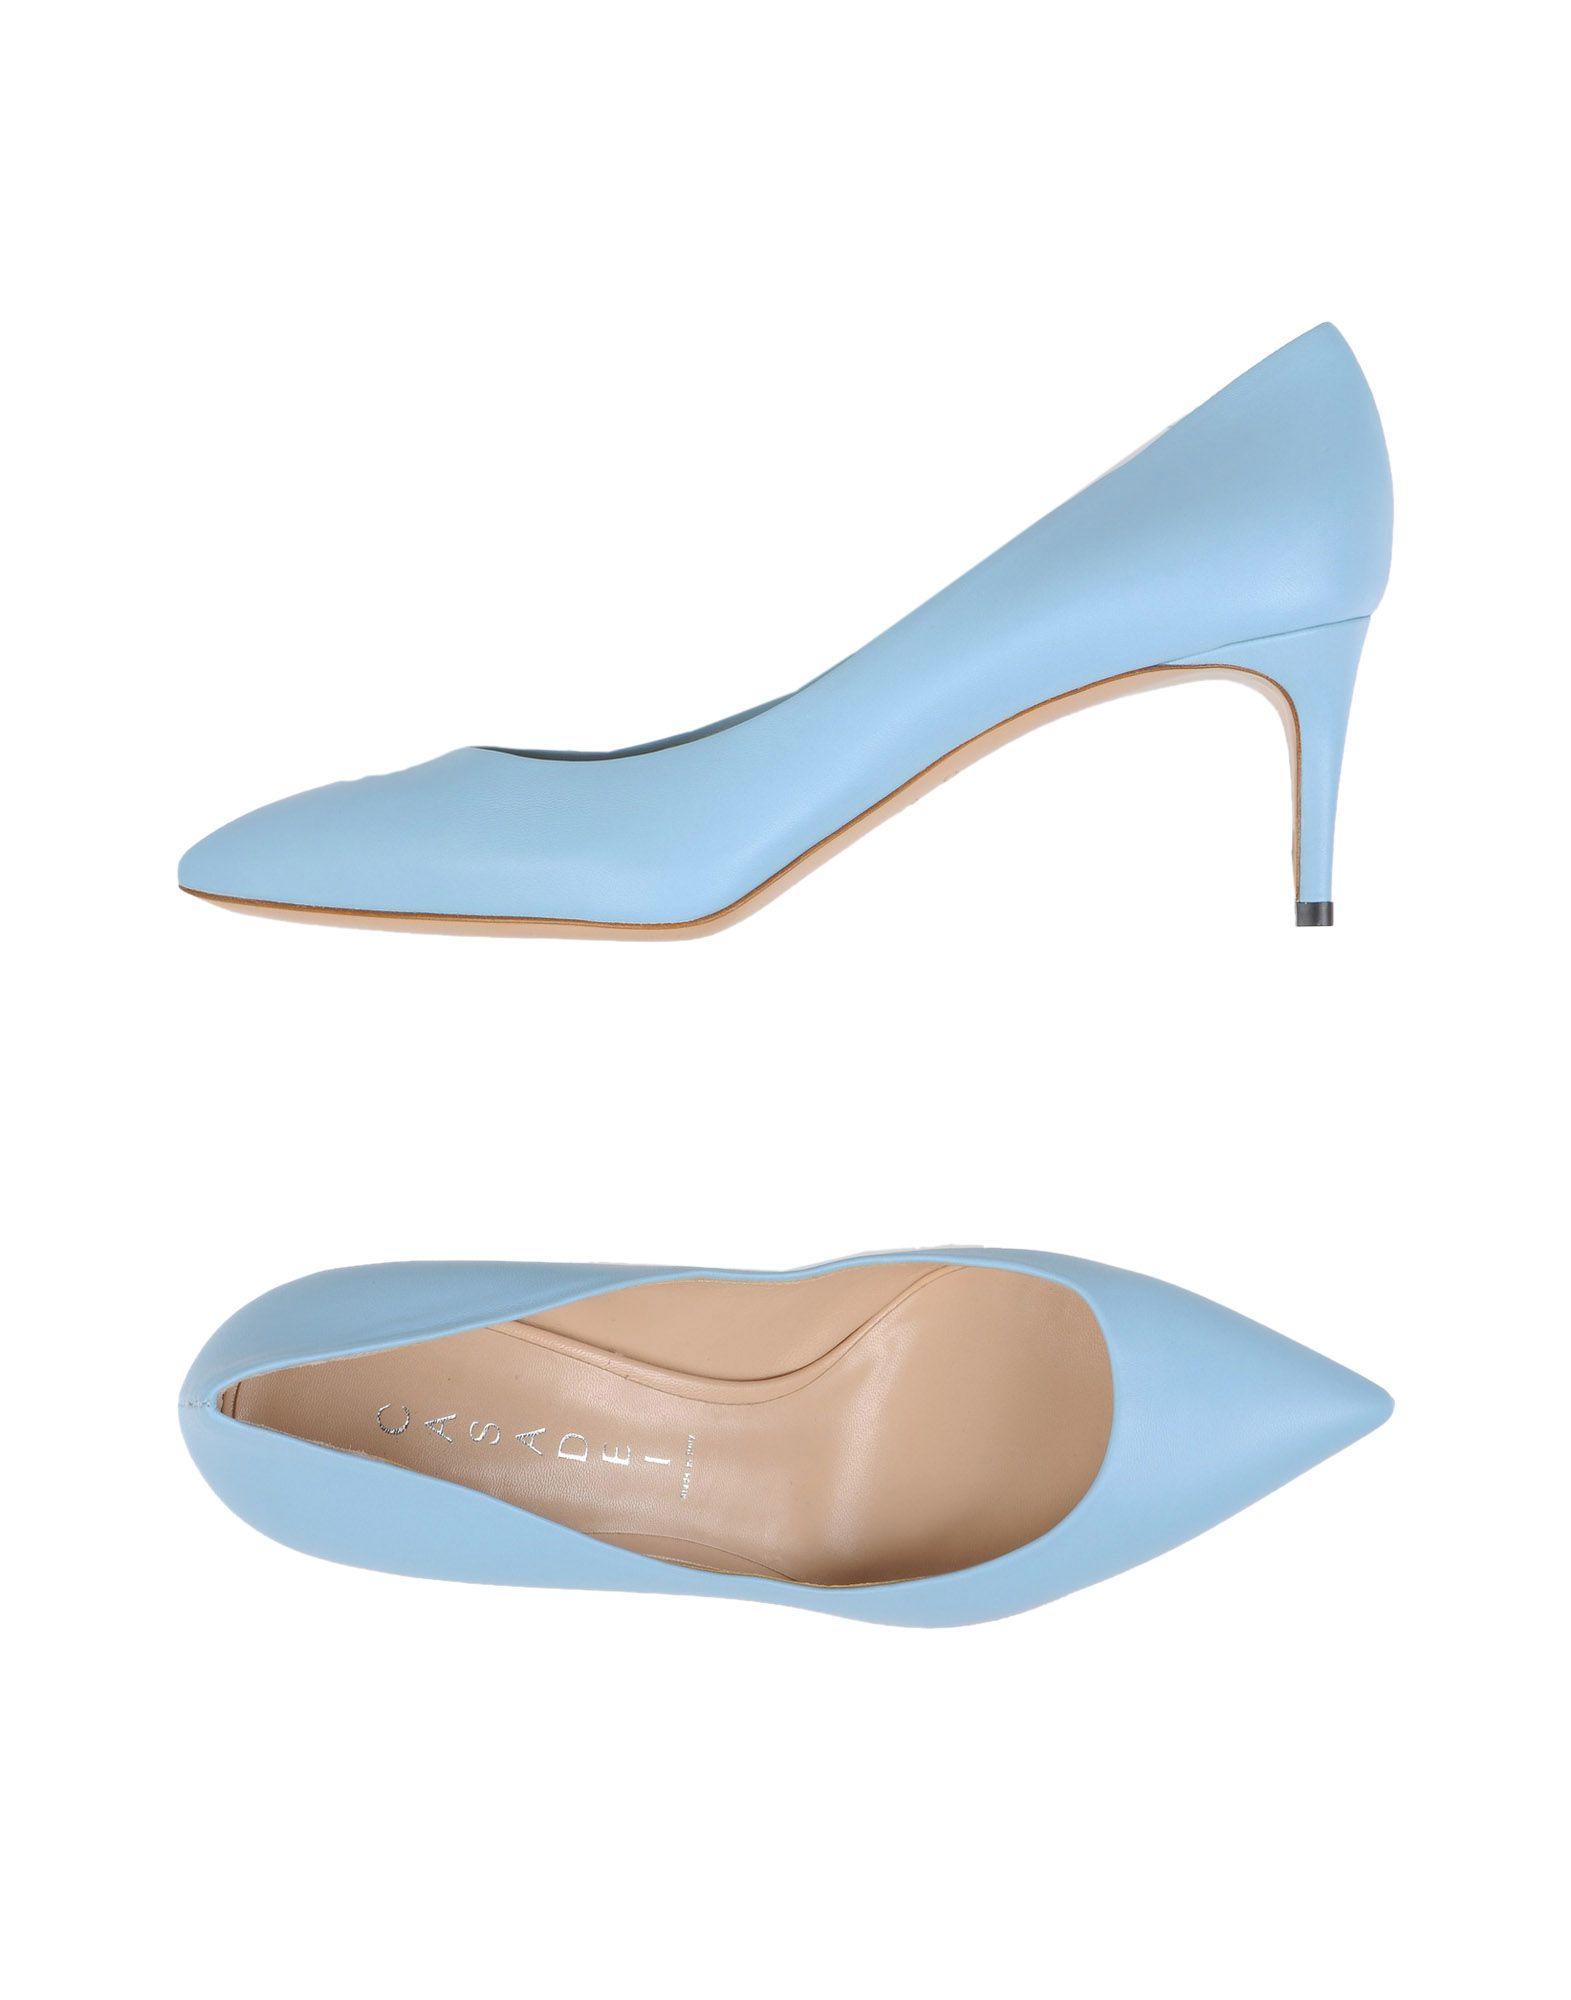 Haltbare Mode billige Schuhe Casadei Pumps Damen  11185353VQ Heiße Schuhe